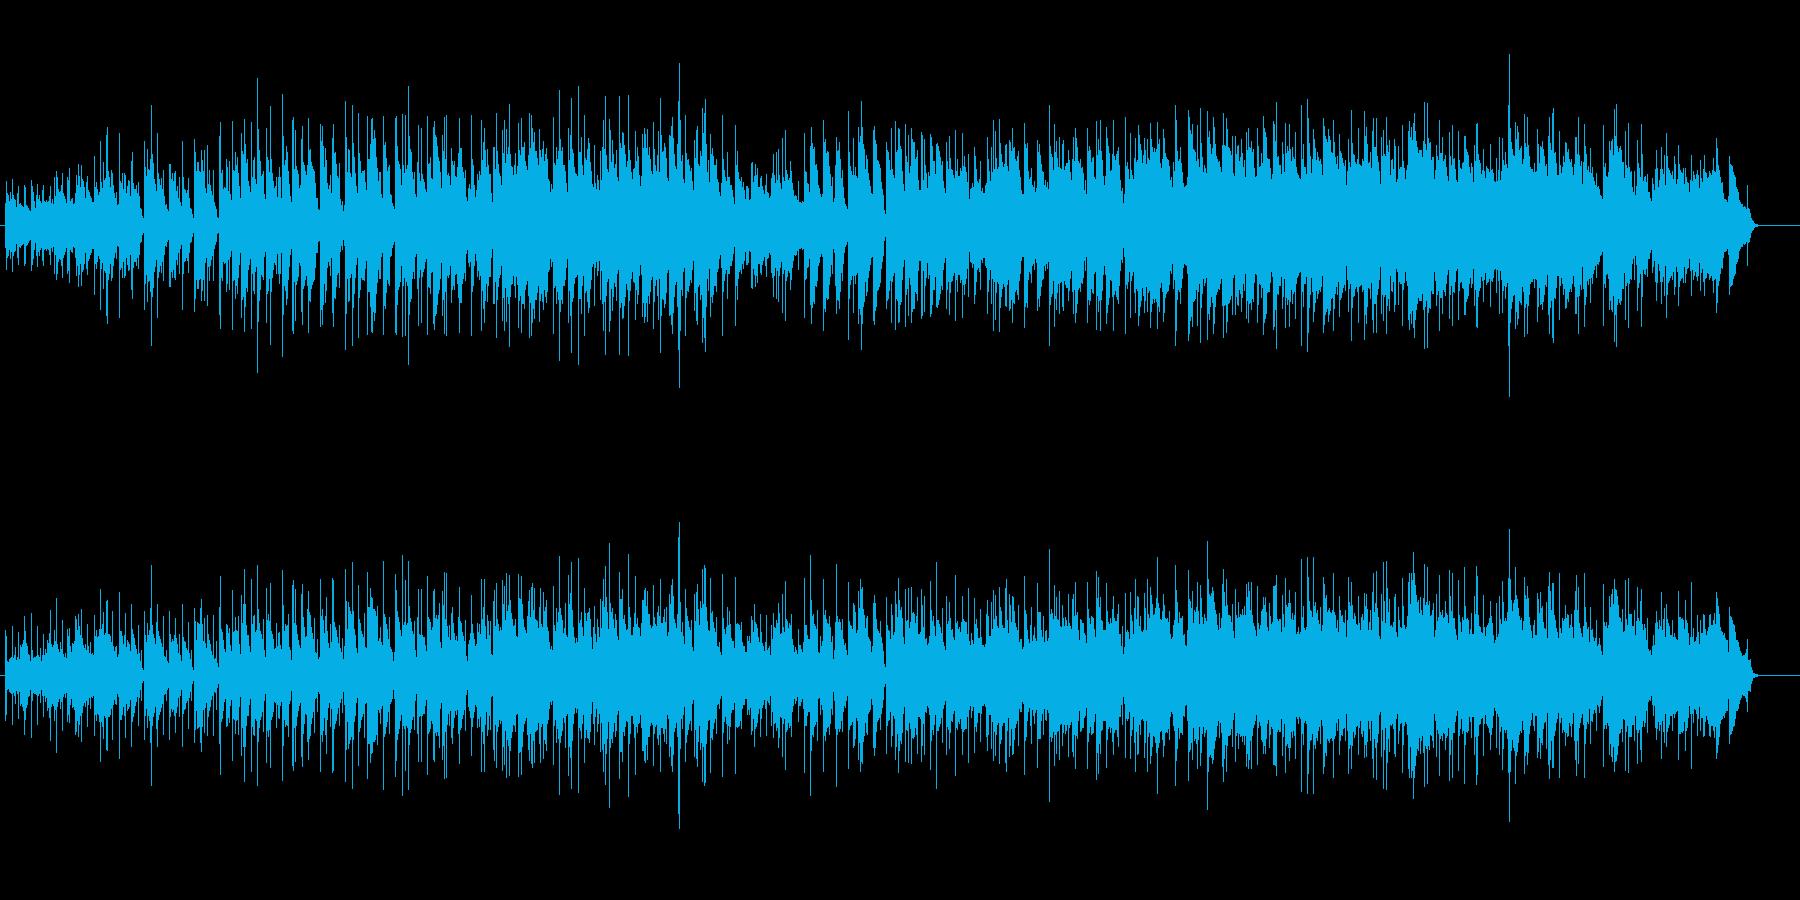 ナチュラルなスロー・バラードの再生済みの波形